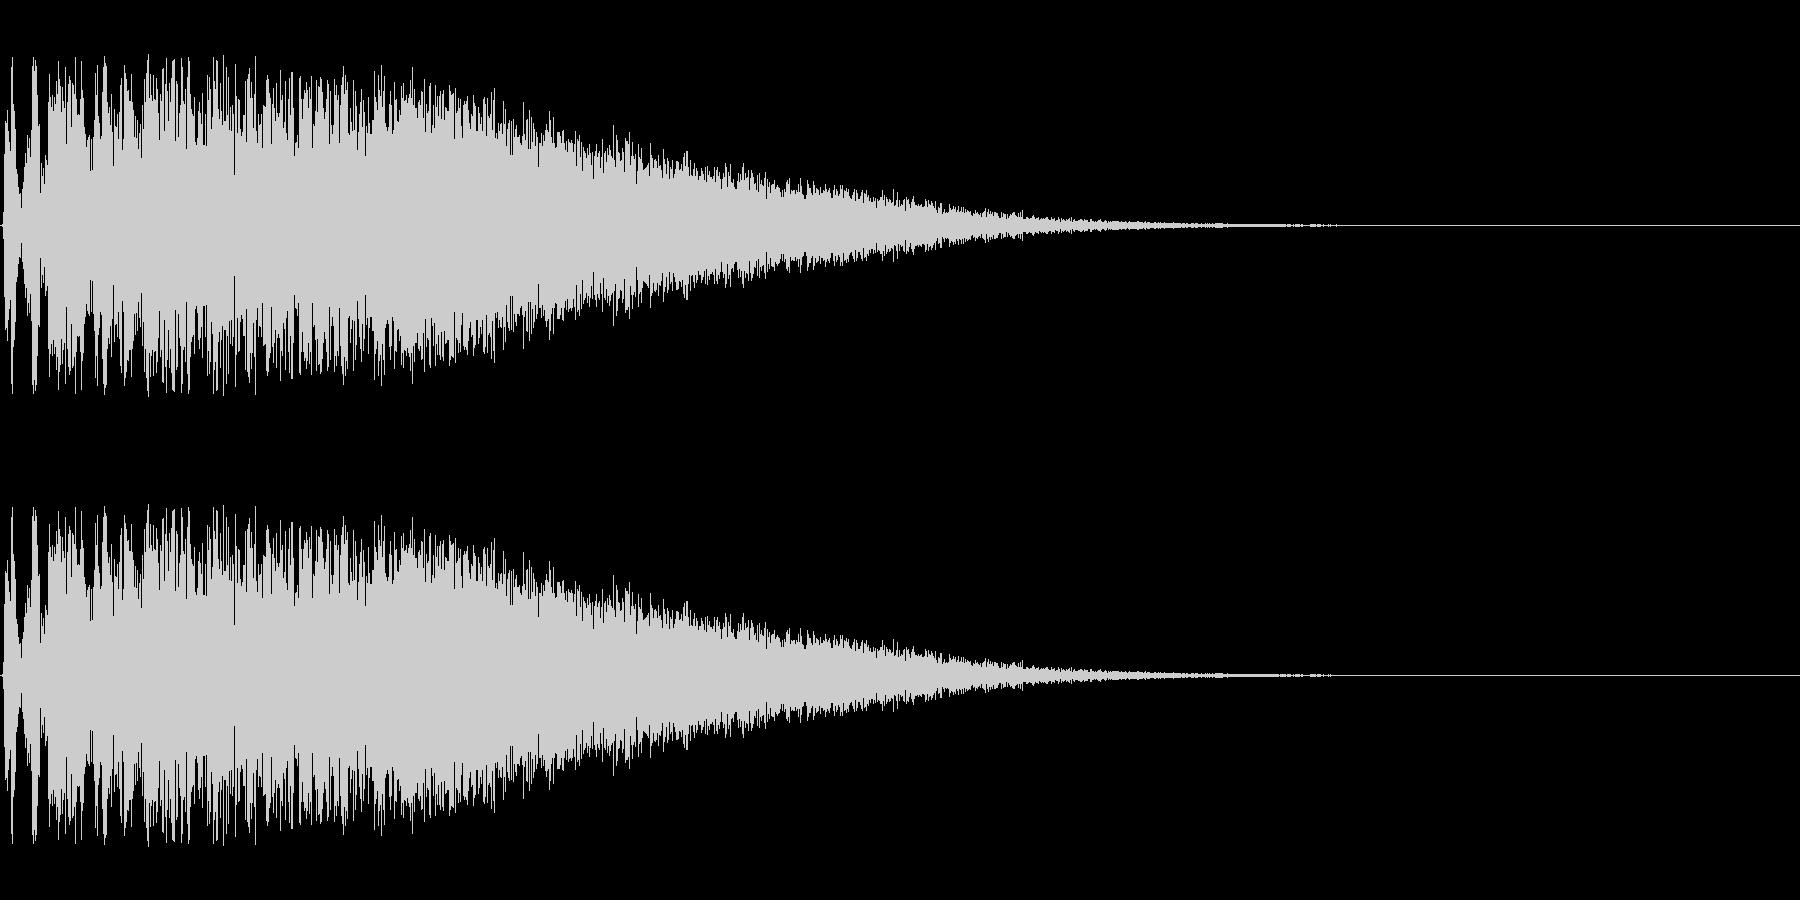 特撮にありそうな攻撃音の未再生の波形